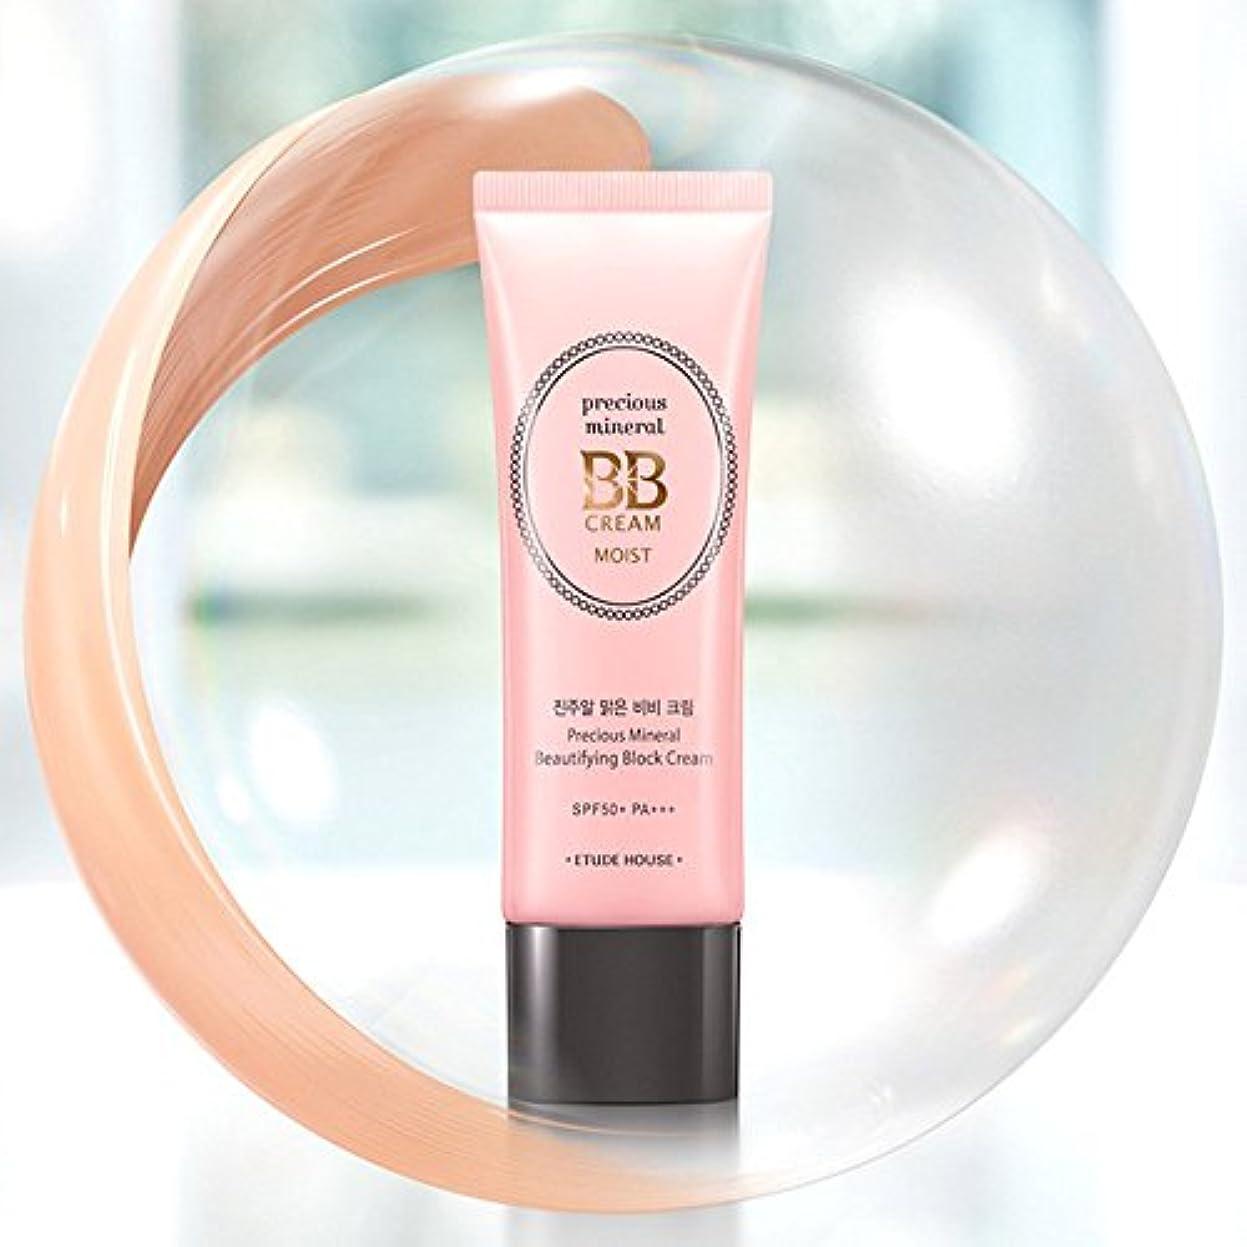 ナビゲーションリサイクルするETUDE HOUSE Precious Mineral BB Cream Moist [ Sand] SPF50+ PA+++ エチュードハウス プレシャスミネラルBBクリーム モイスト [サンド] SPF50 + PA...